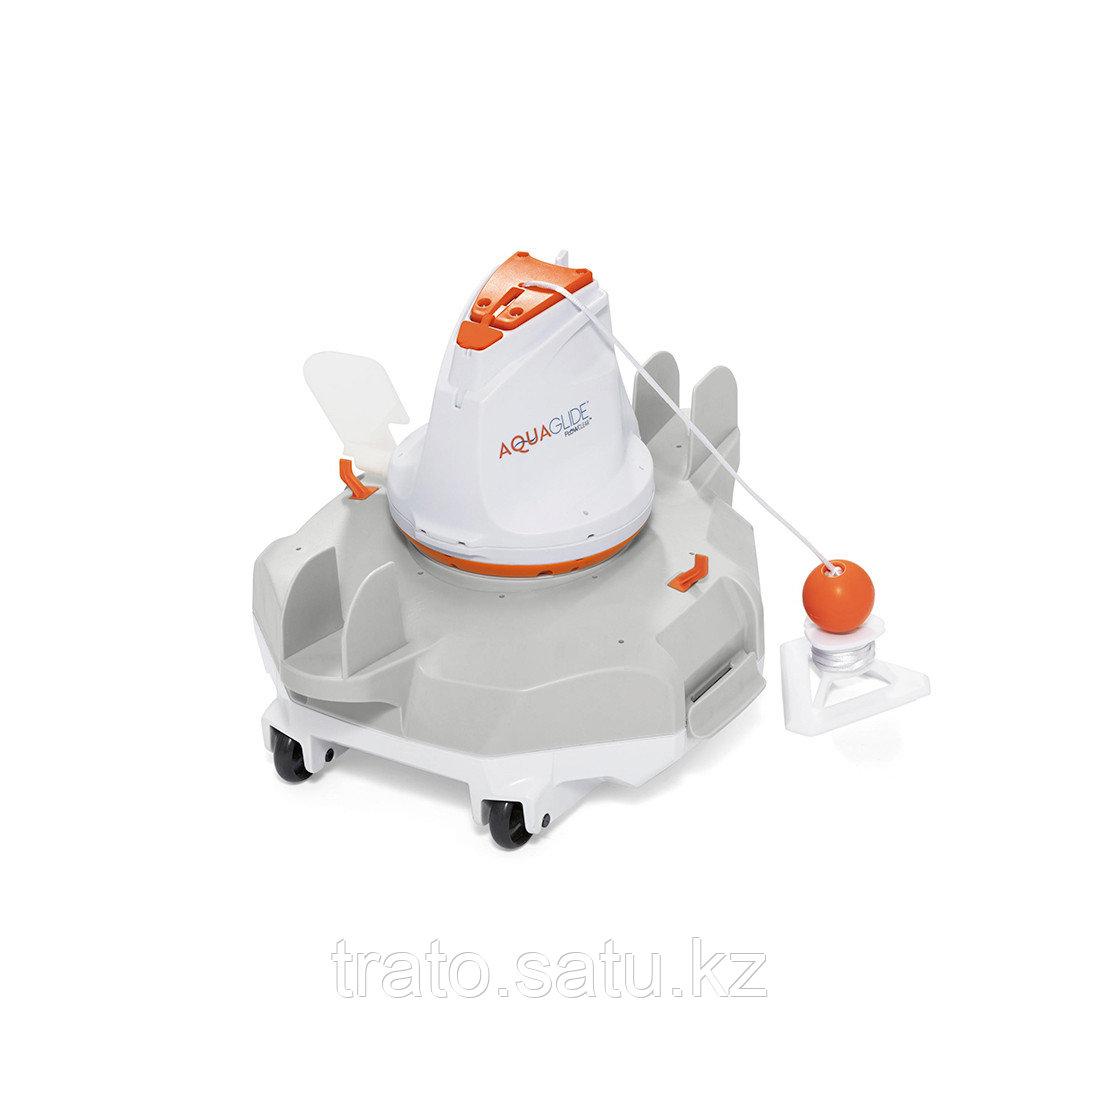 Робот-пылесос Bestway AquaGlide